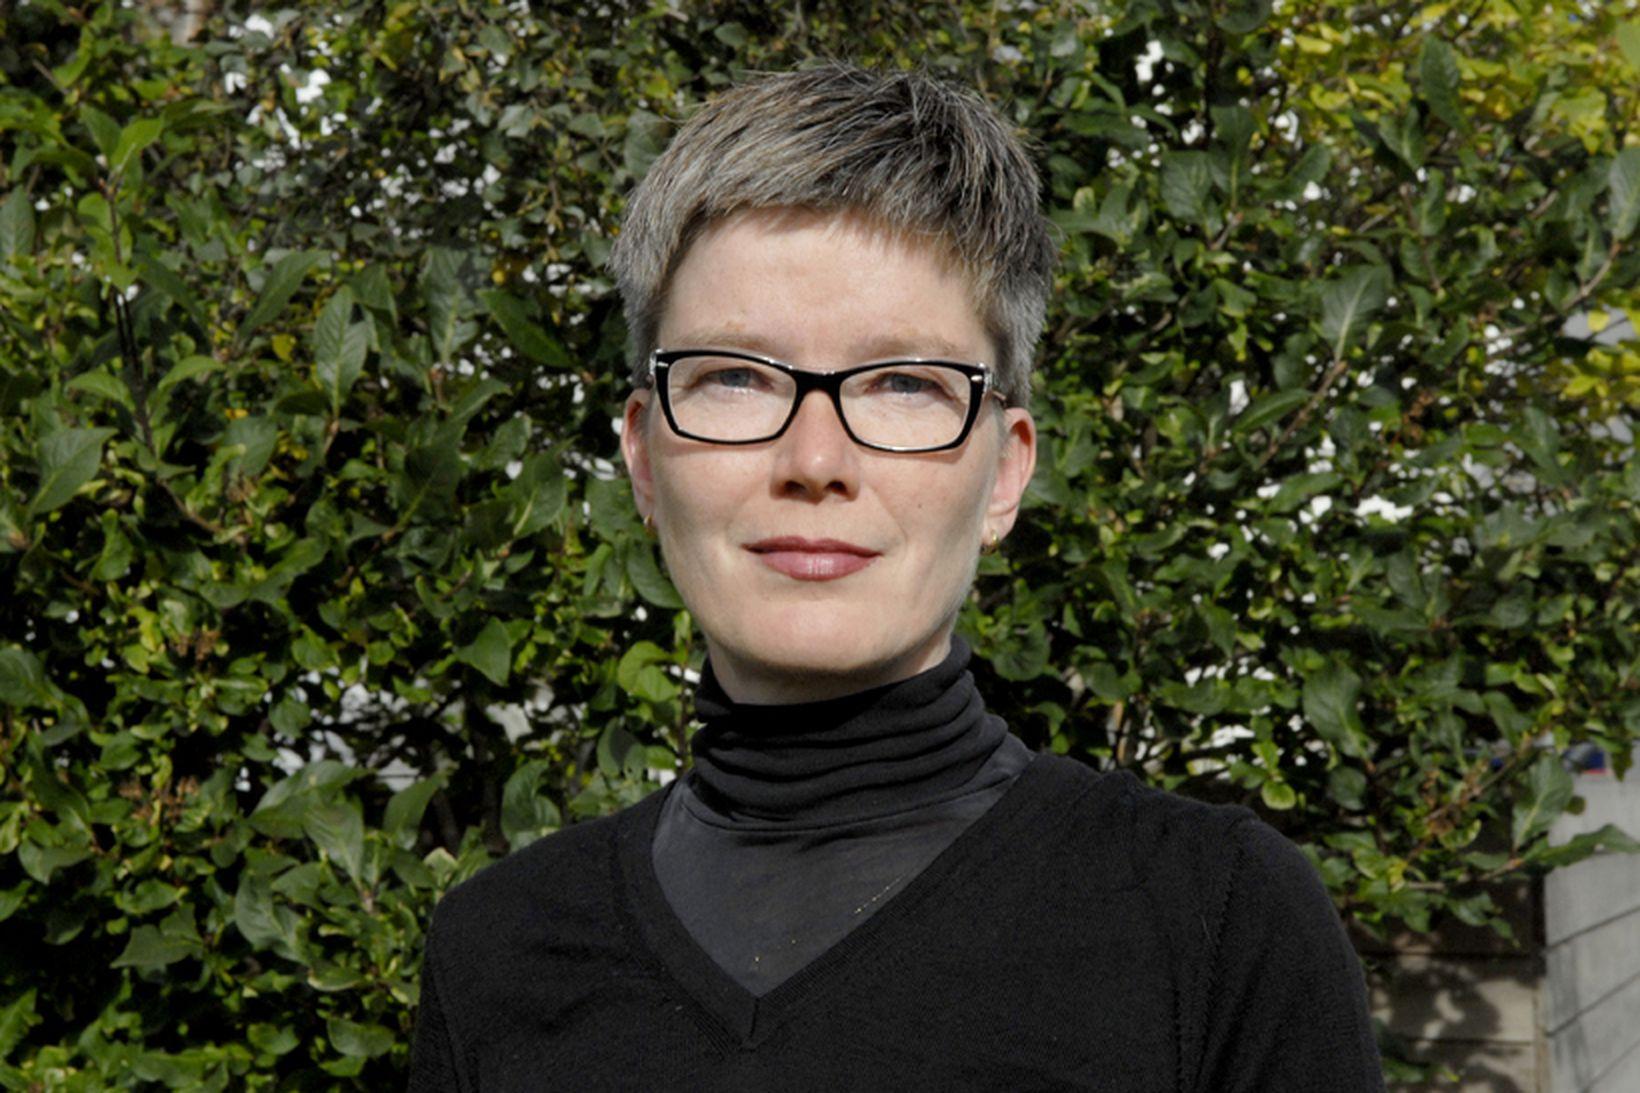 Guðrún Bryndís Karlsdóttir